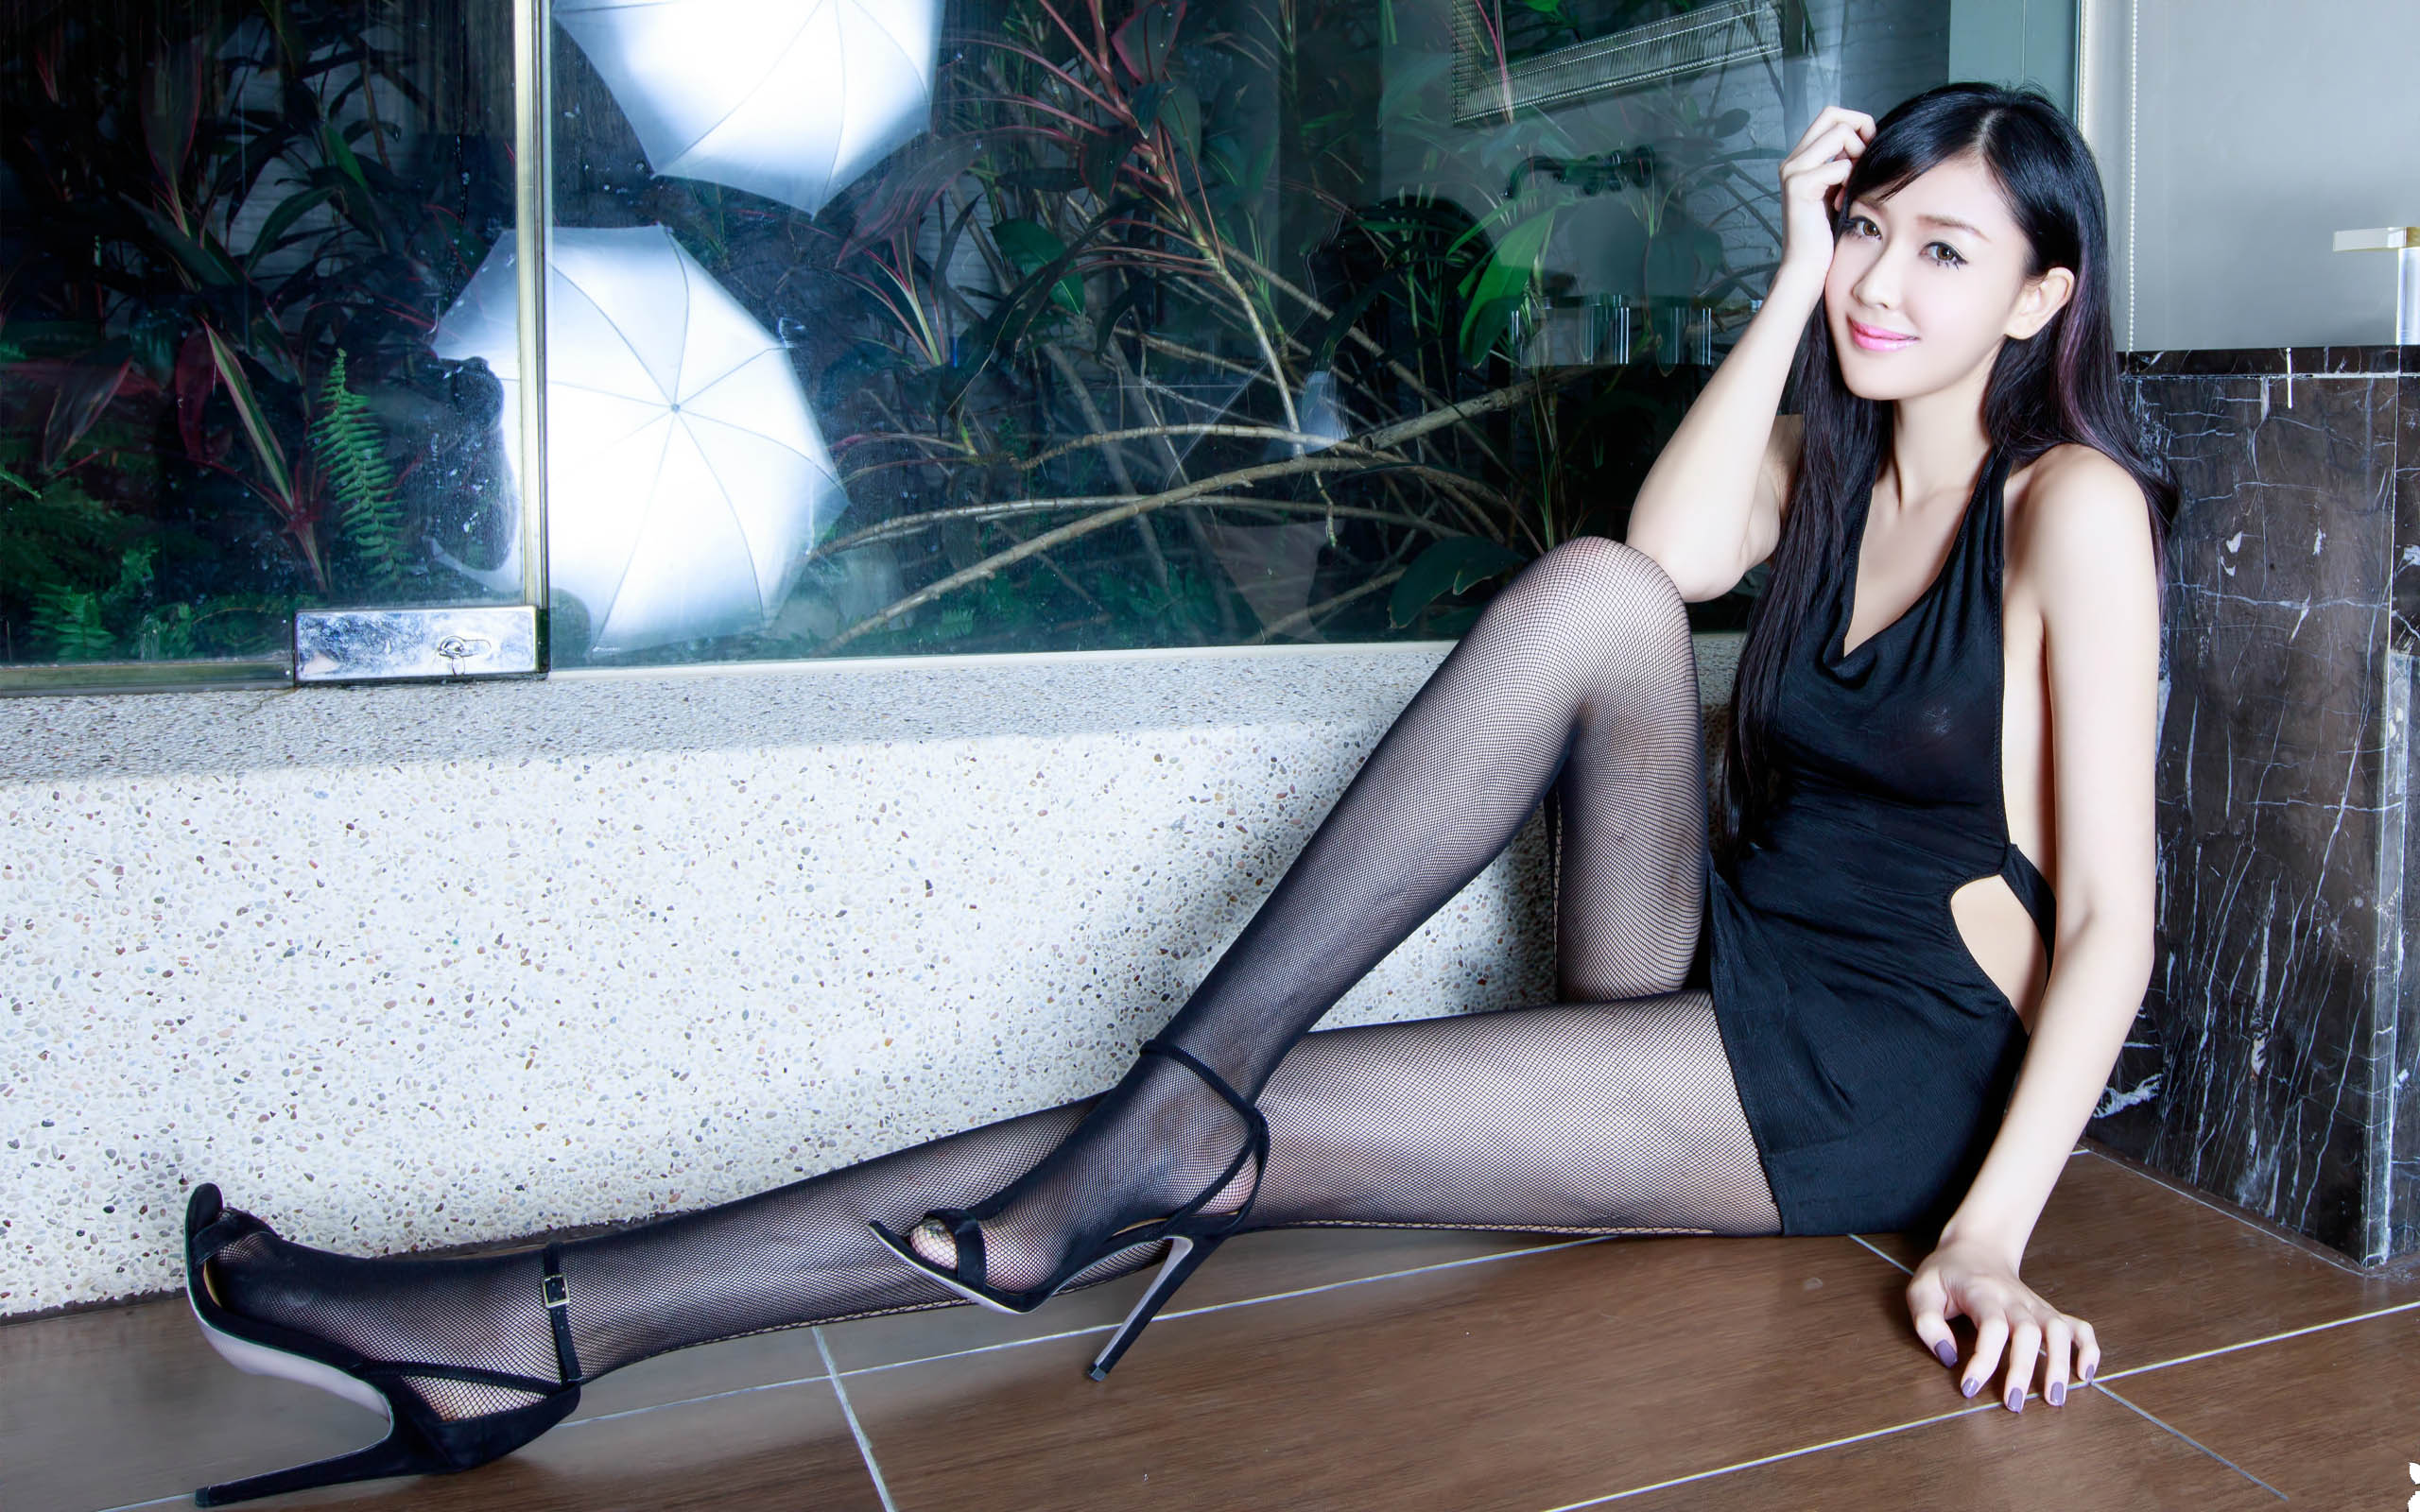 臺灣美腿美女Vanessa2 - 花開有聲 - 花開有聲